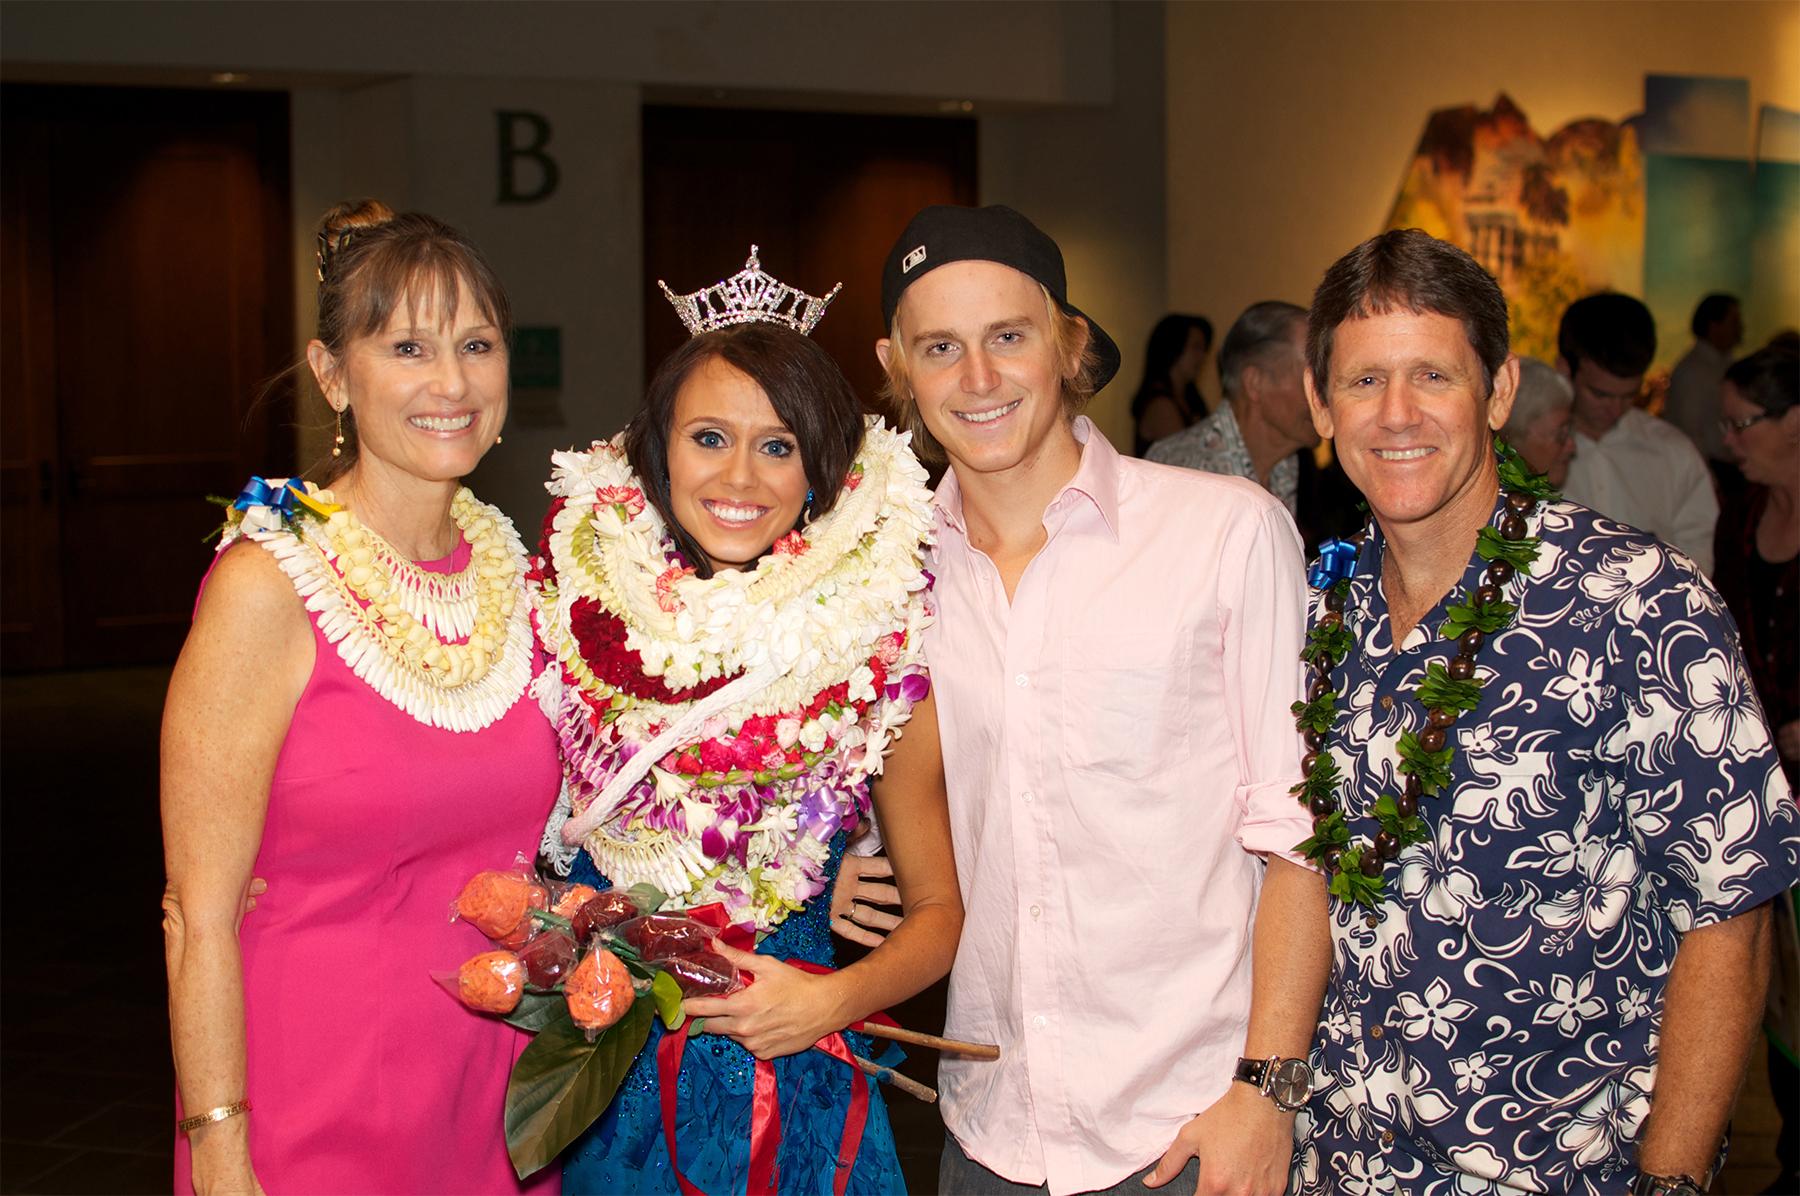 Lauren Matsumoto and family